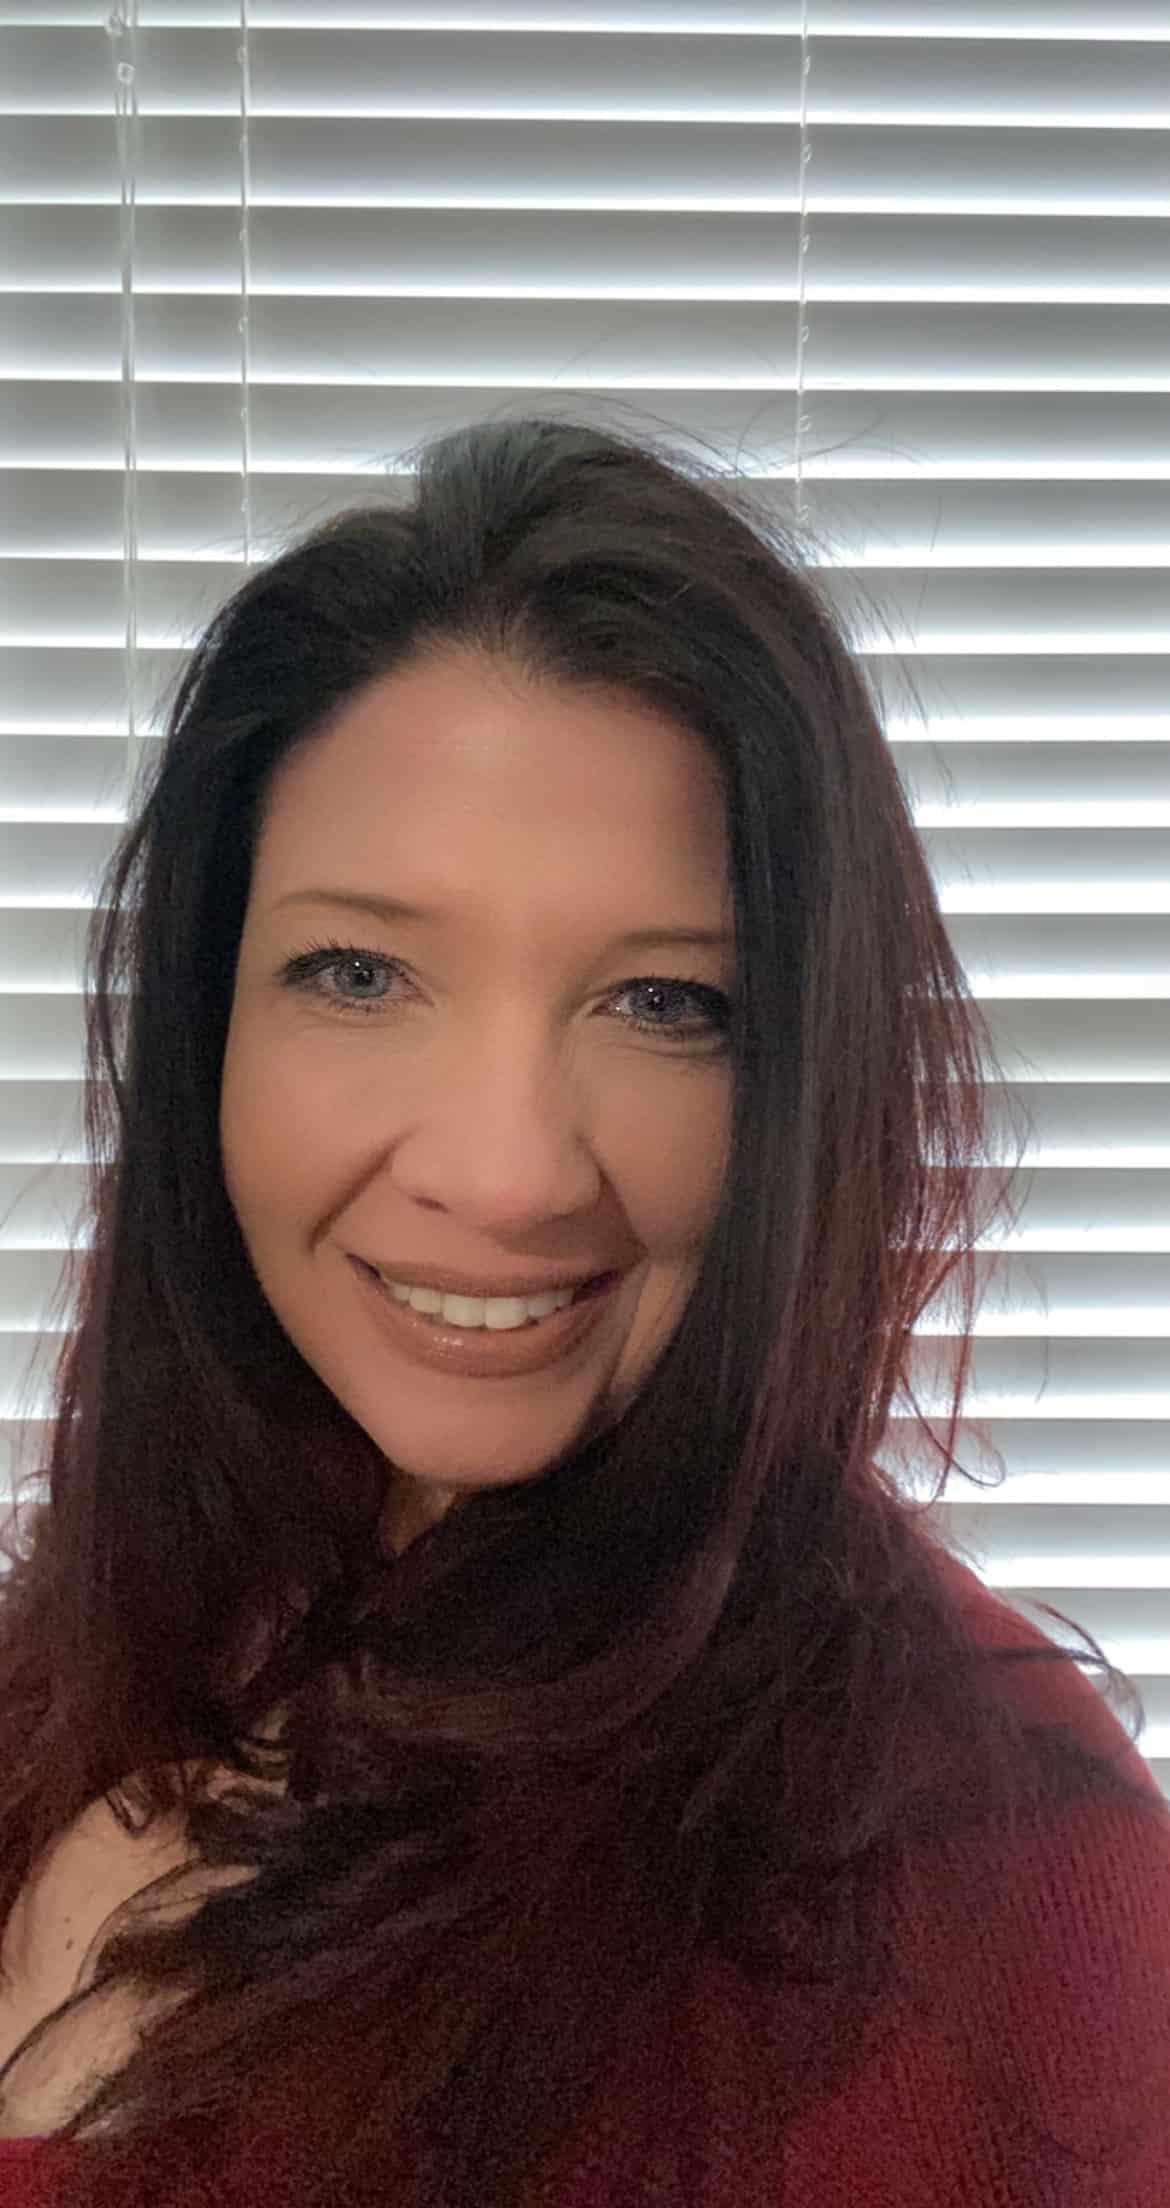 Vicki Alvey